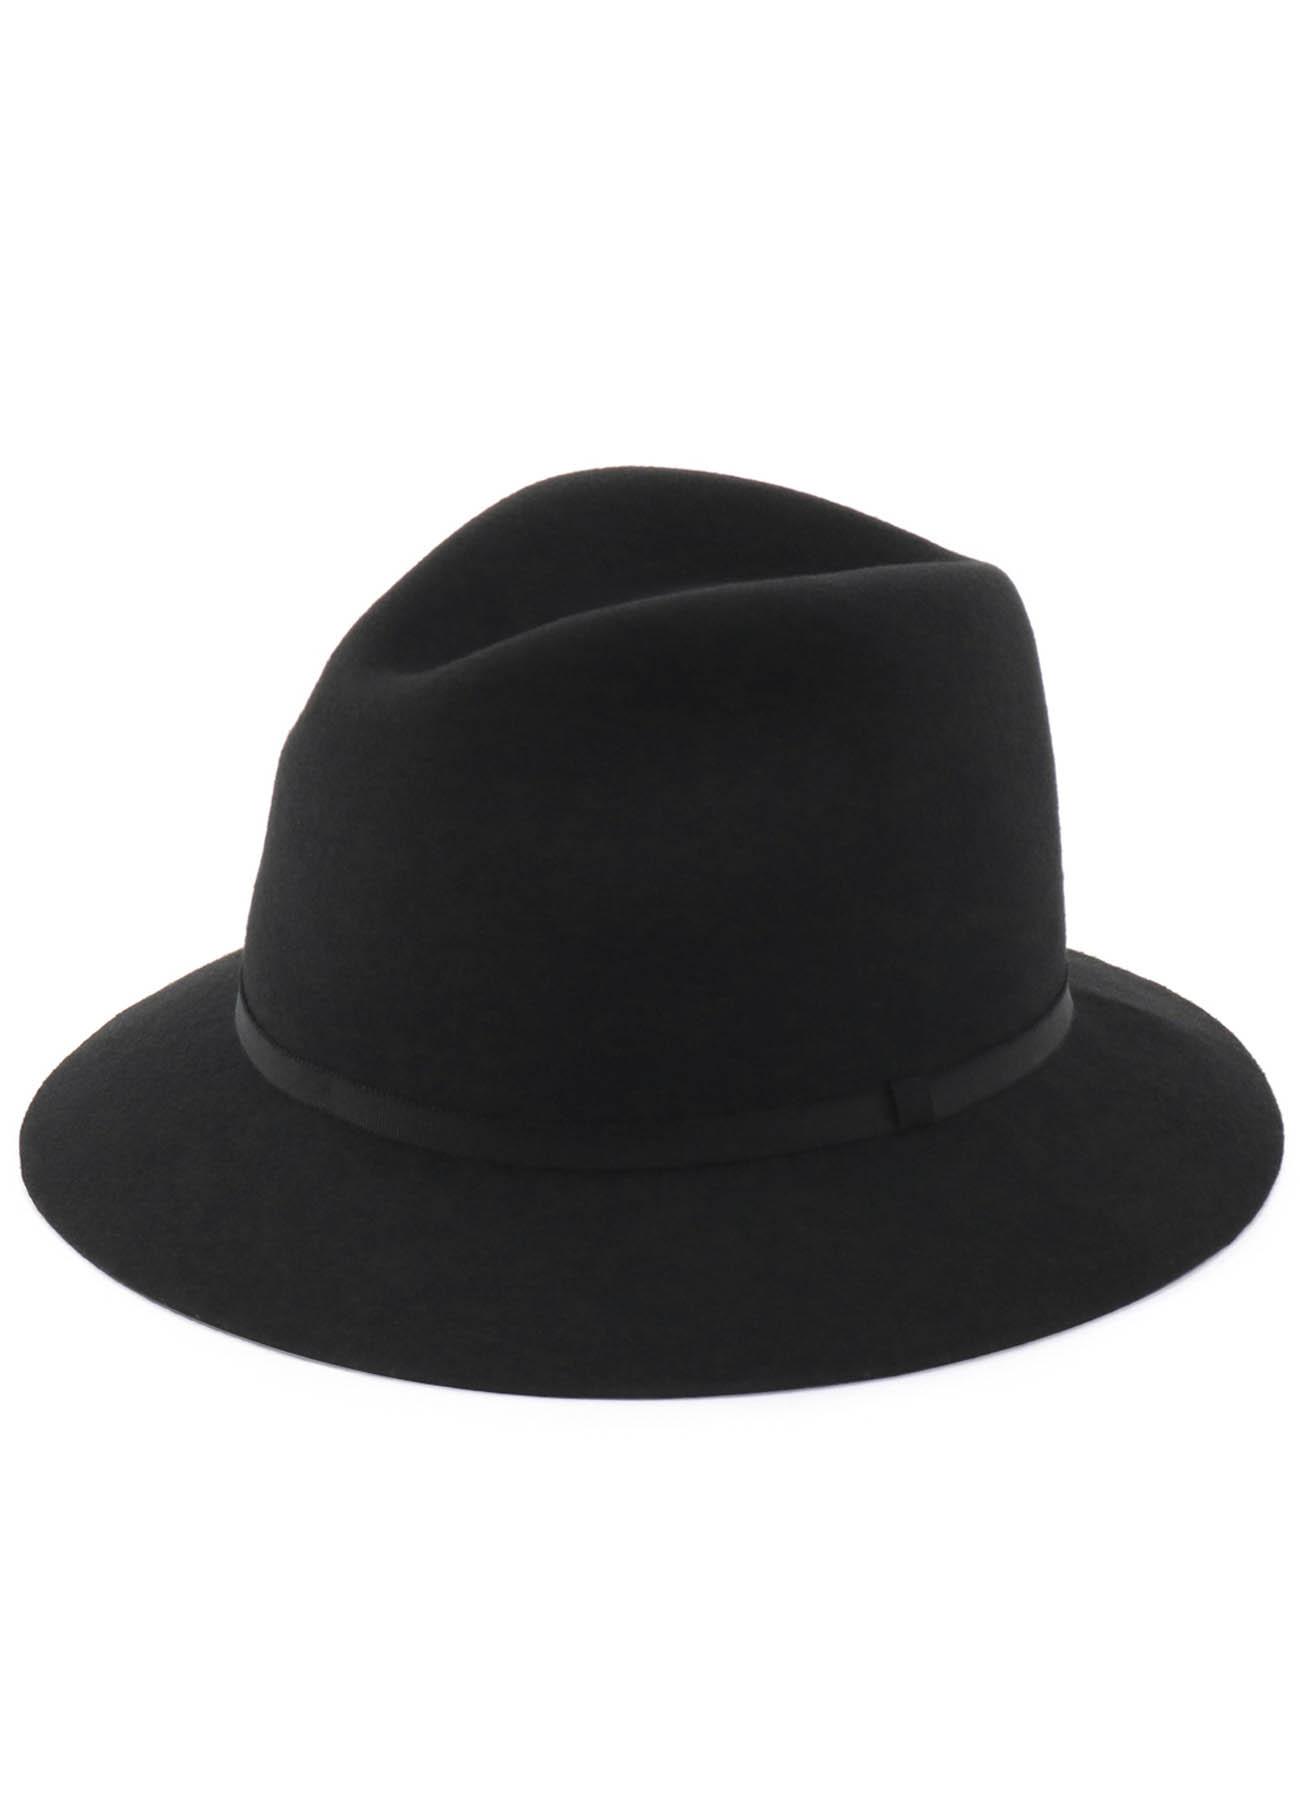 羊毛毡短檐礼帽